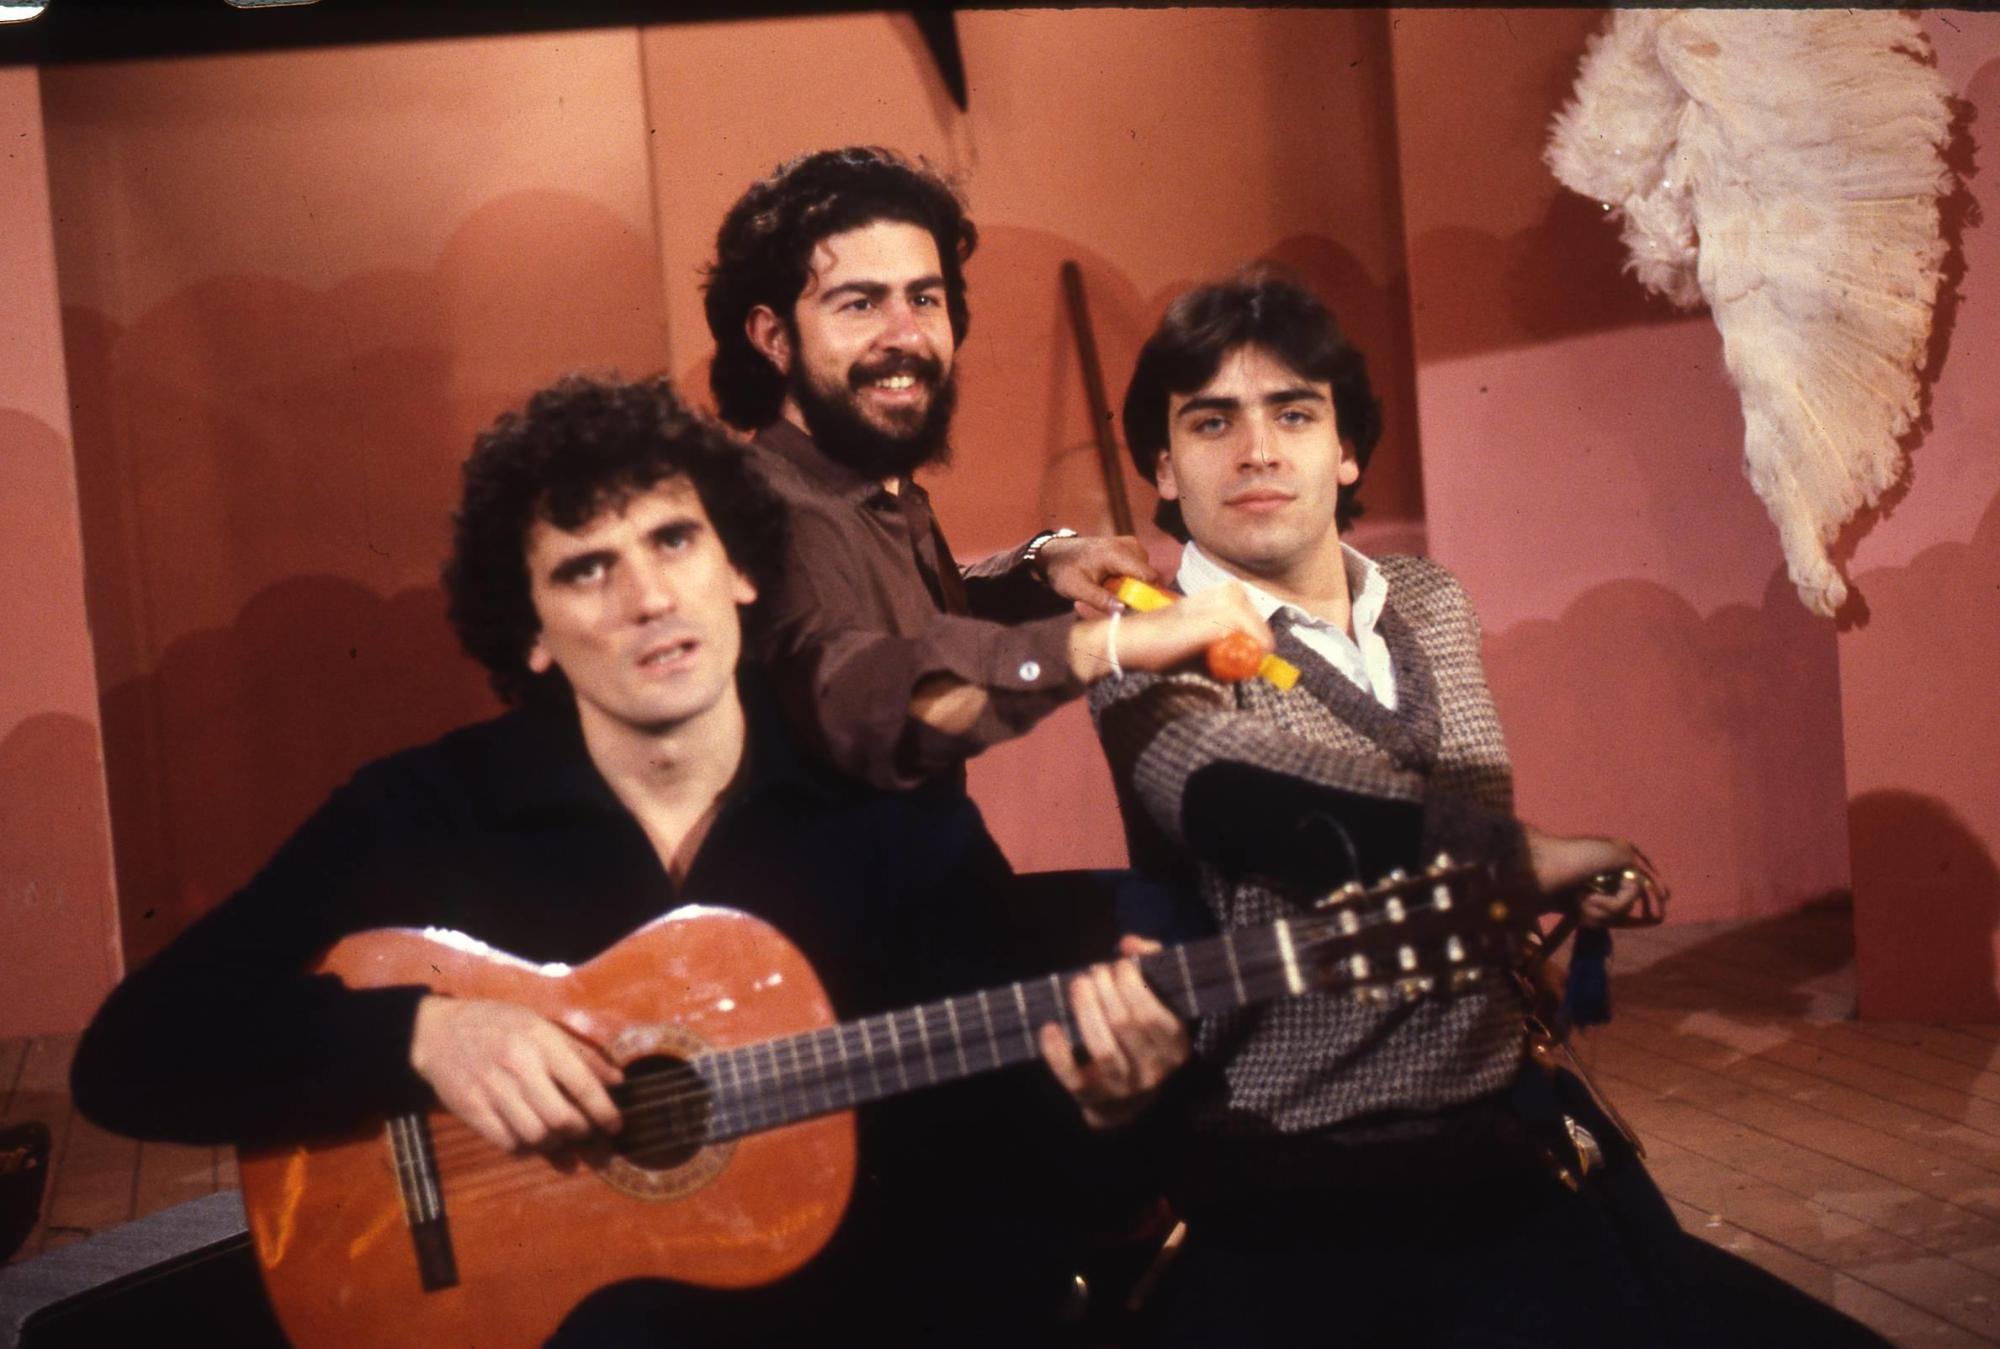 25 anni fa ci lasciava Massimo Troisi: guarda le foto della sua carriera